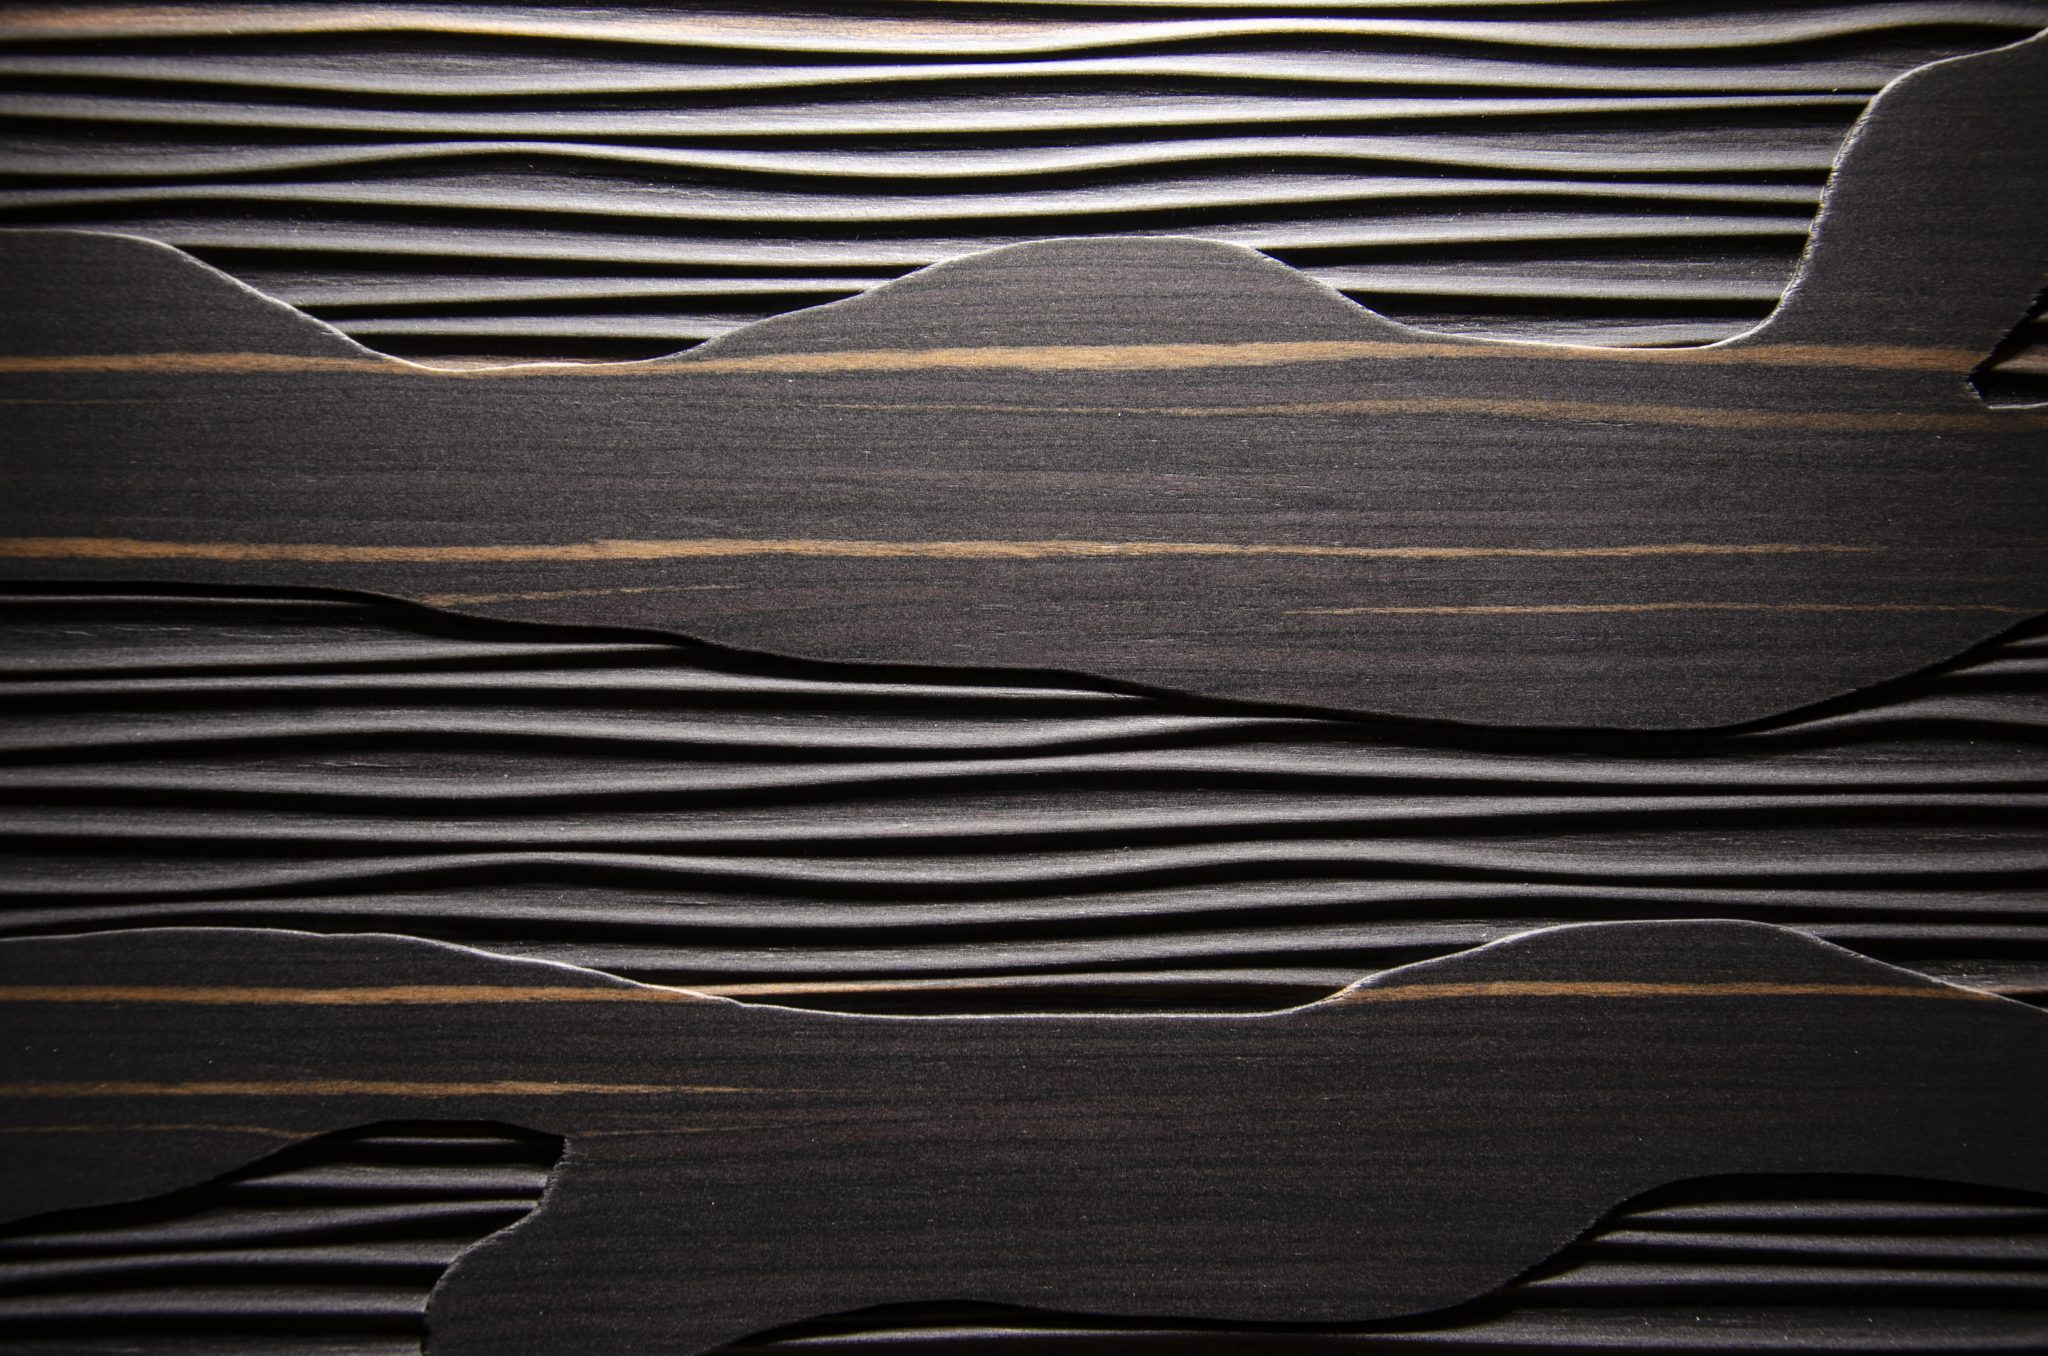 2395 - PYTHON - Ebony Maro - Alpi veneer